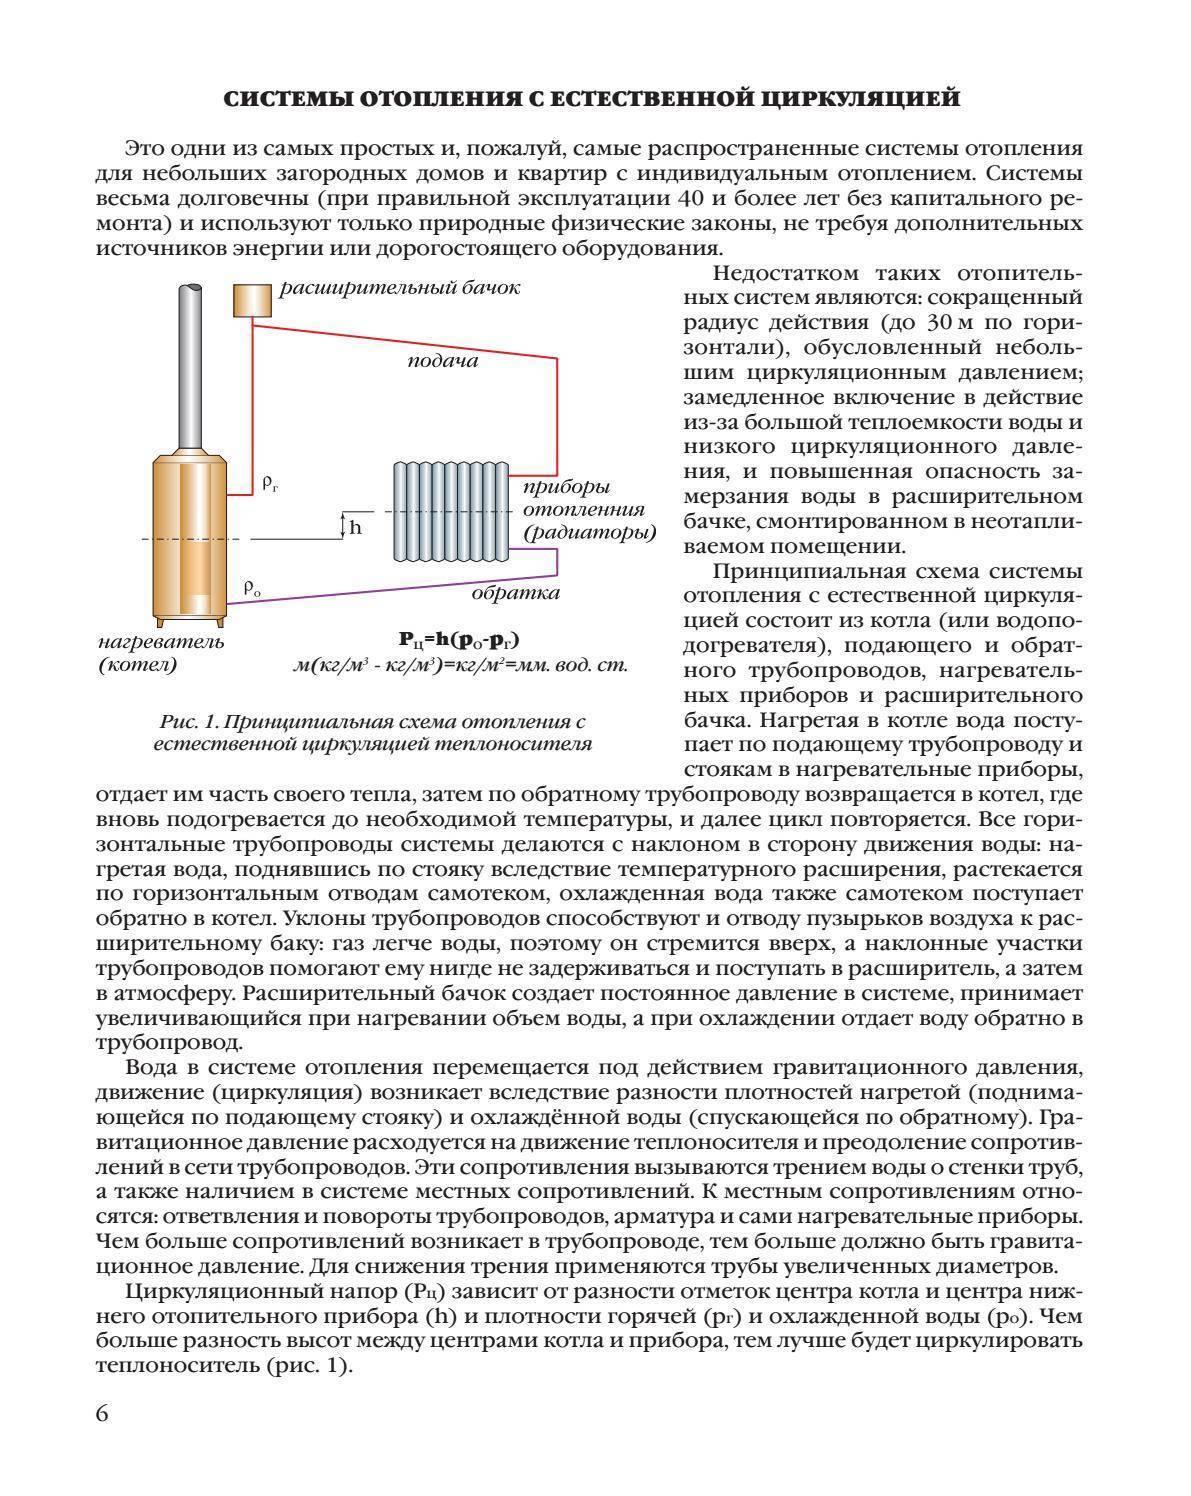 Как создать давление в системе отопления, рассчитать его, поддержание, регулировка регулятора, расчет перепада, сброс, измерение